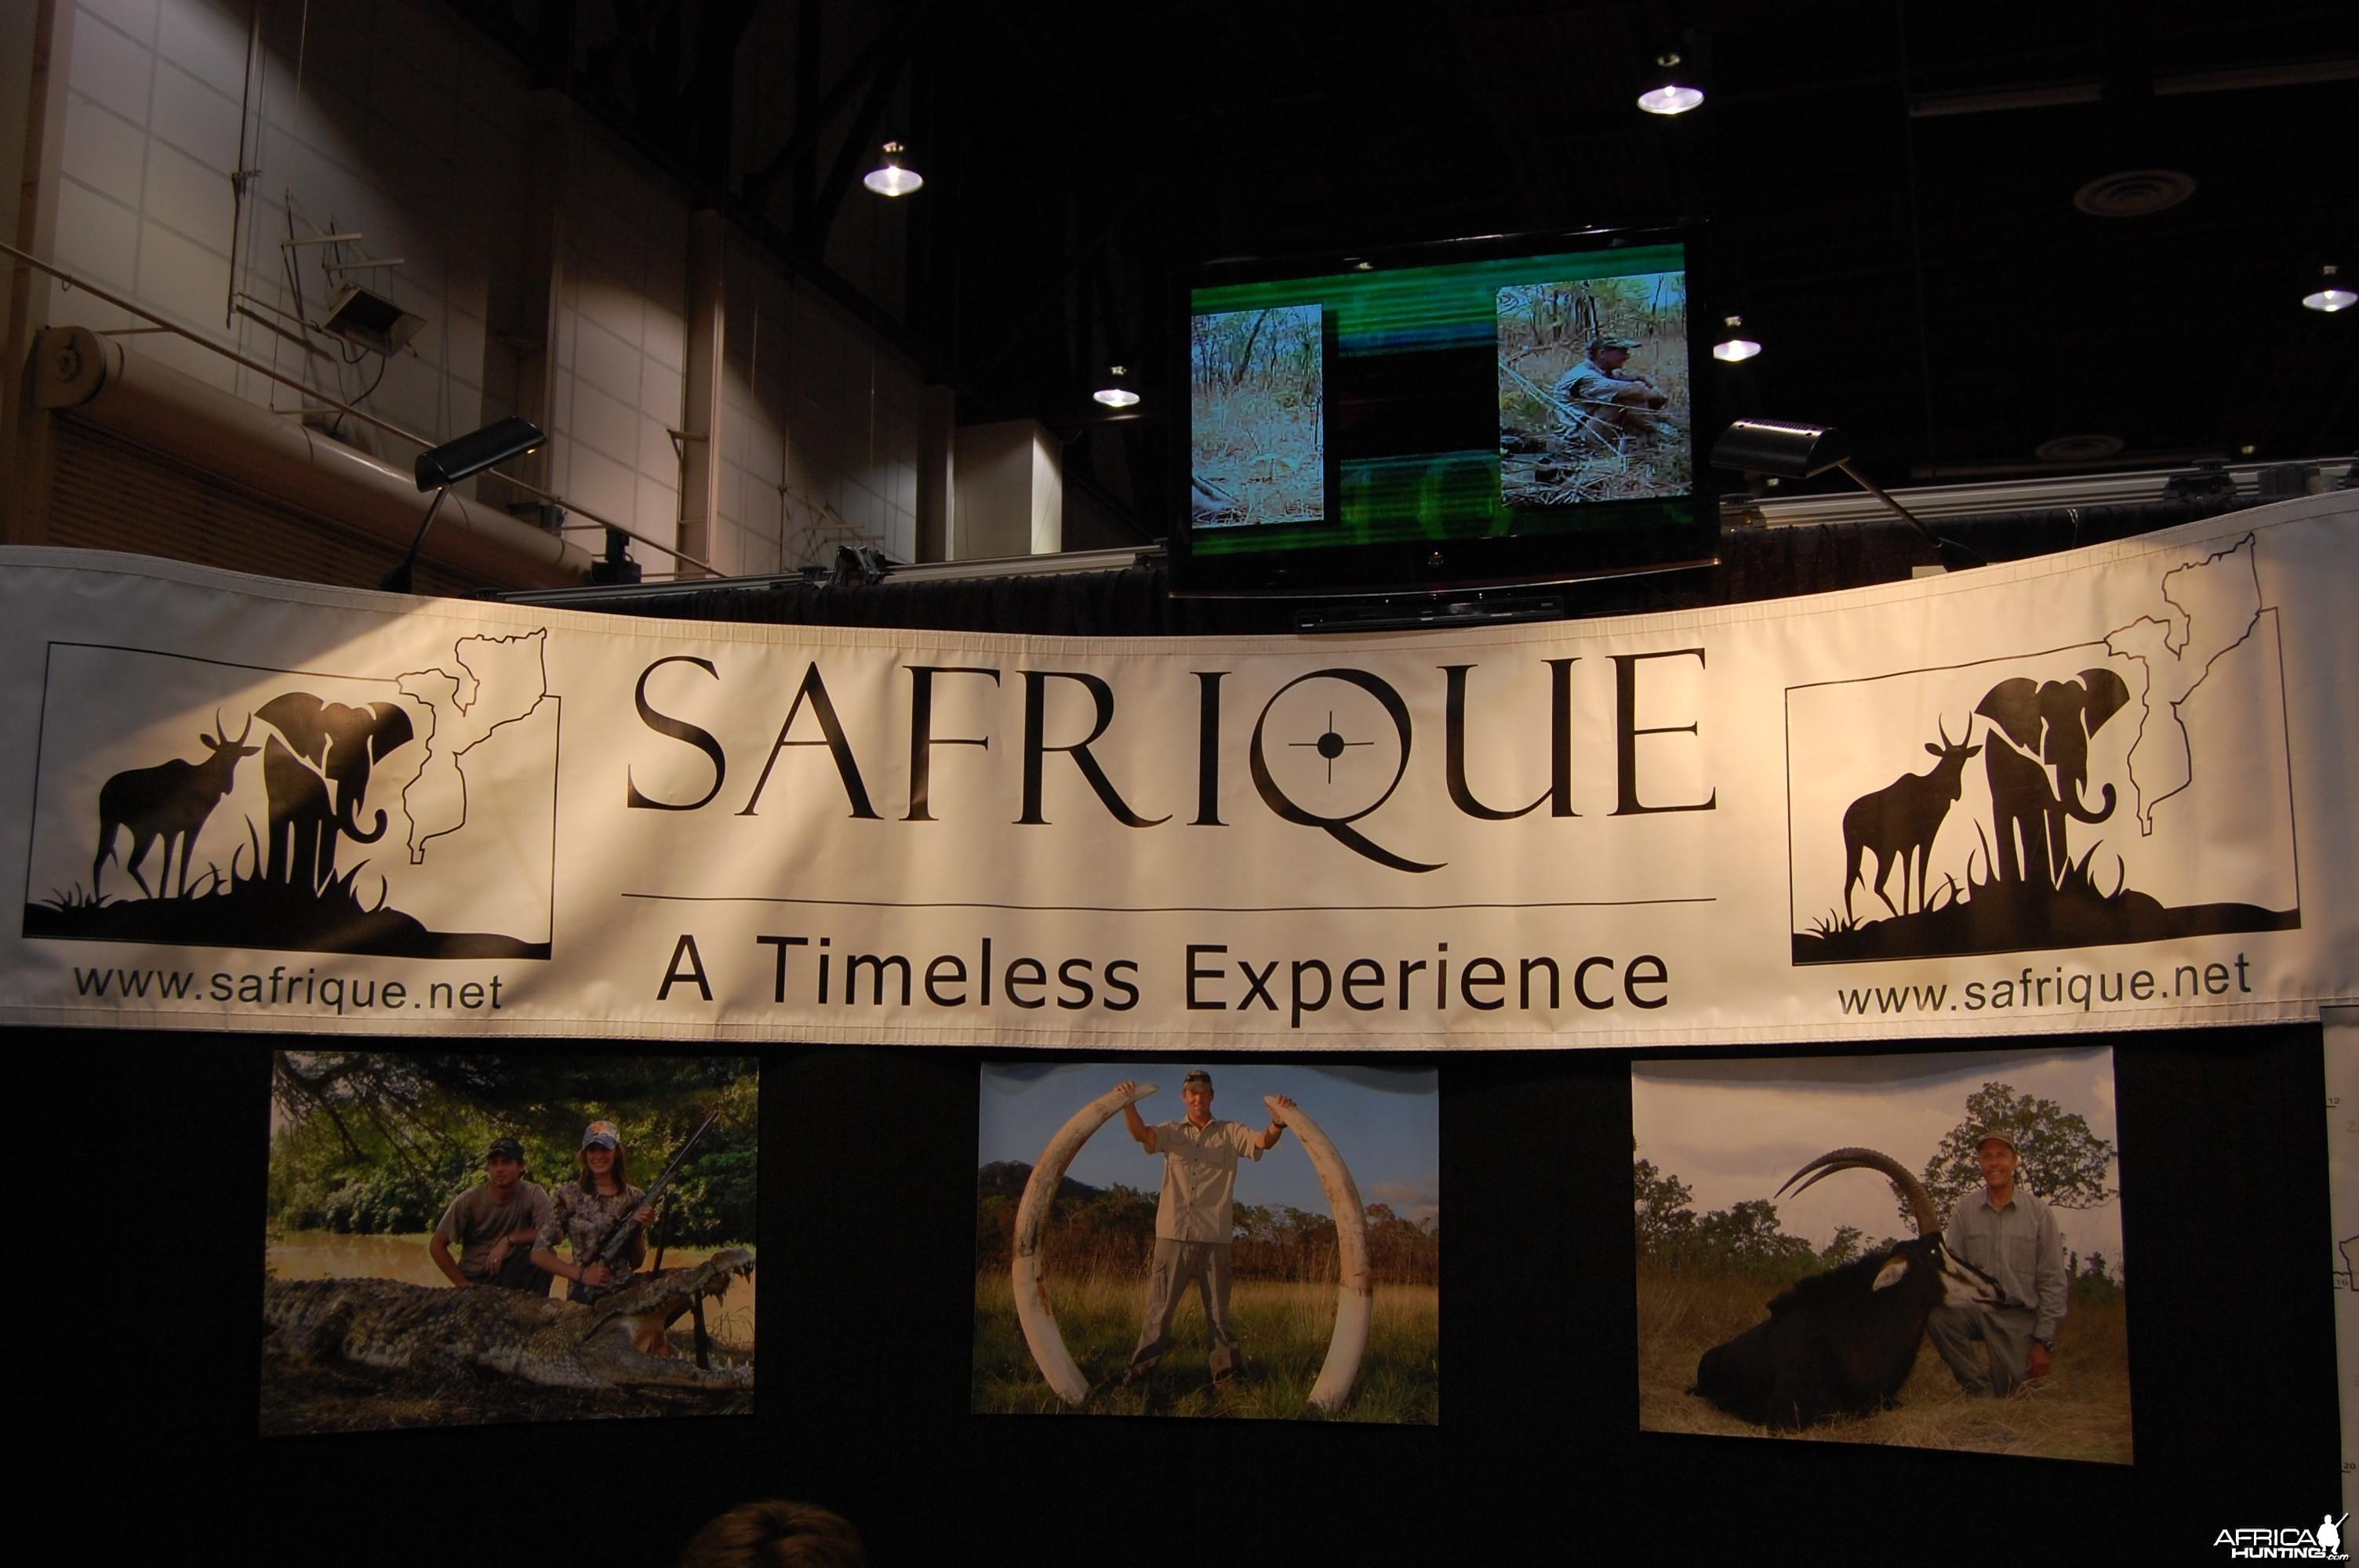 Safrique